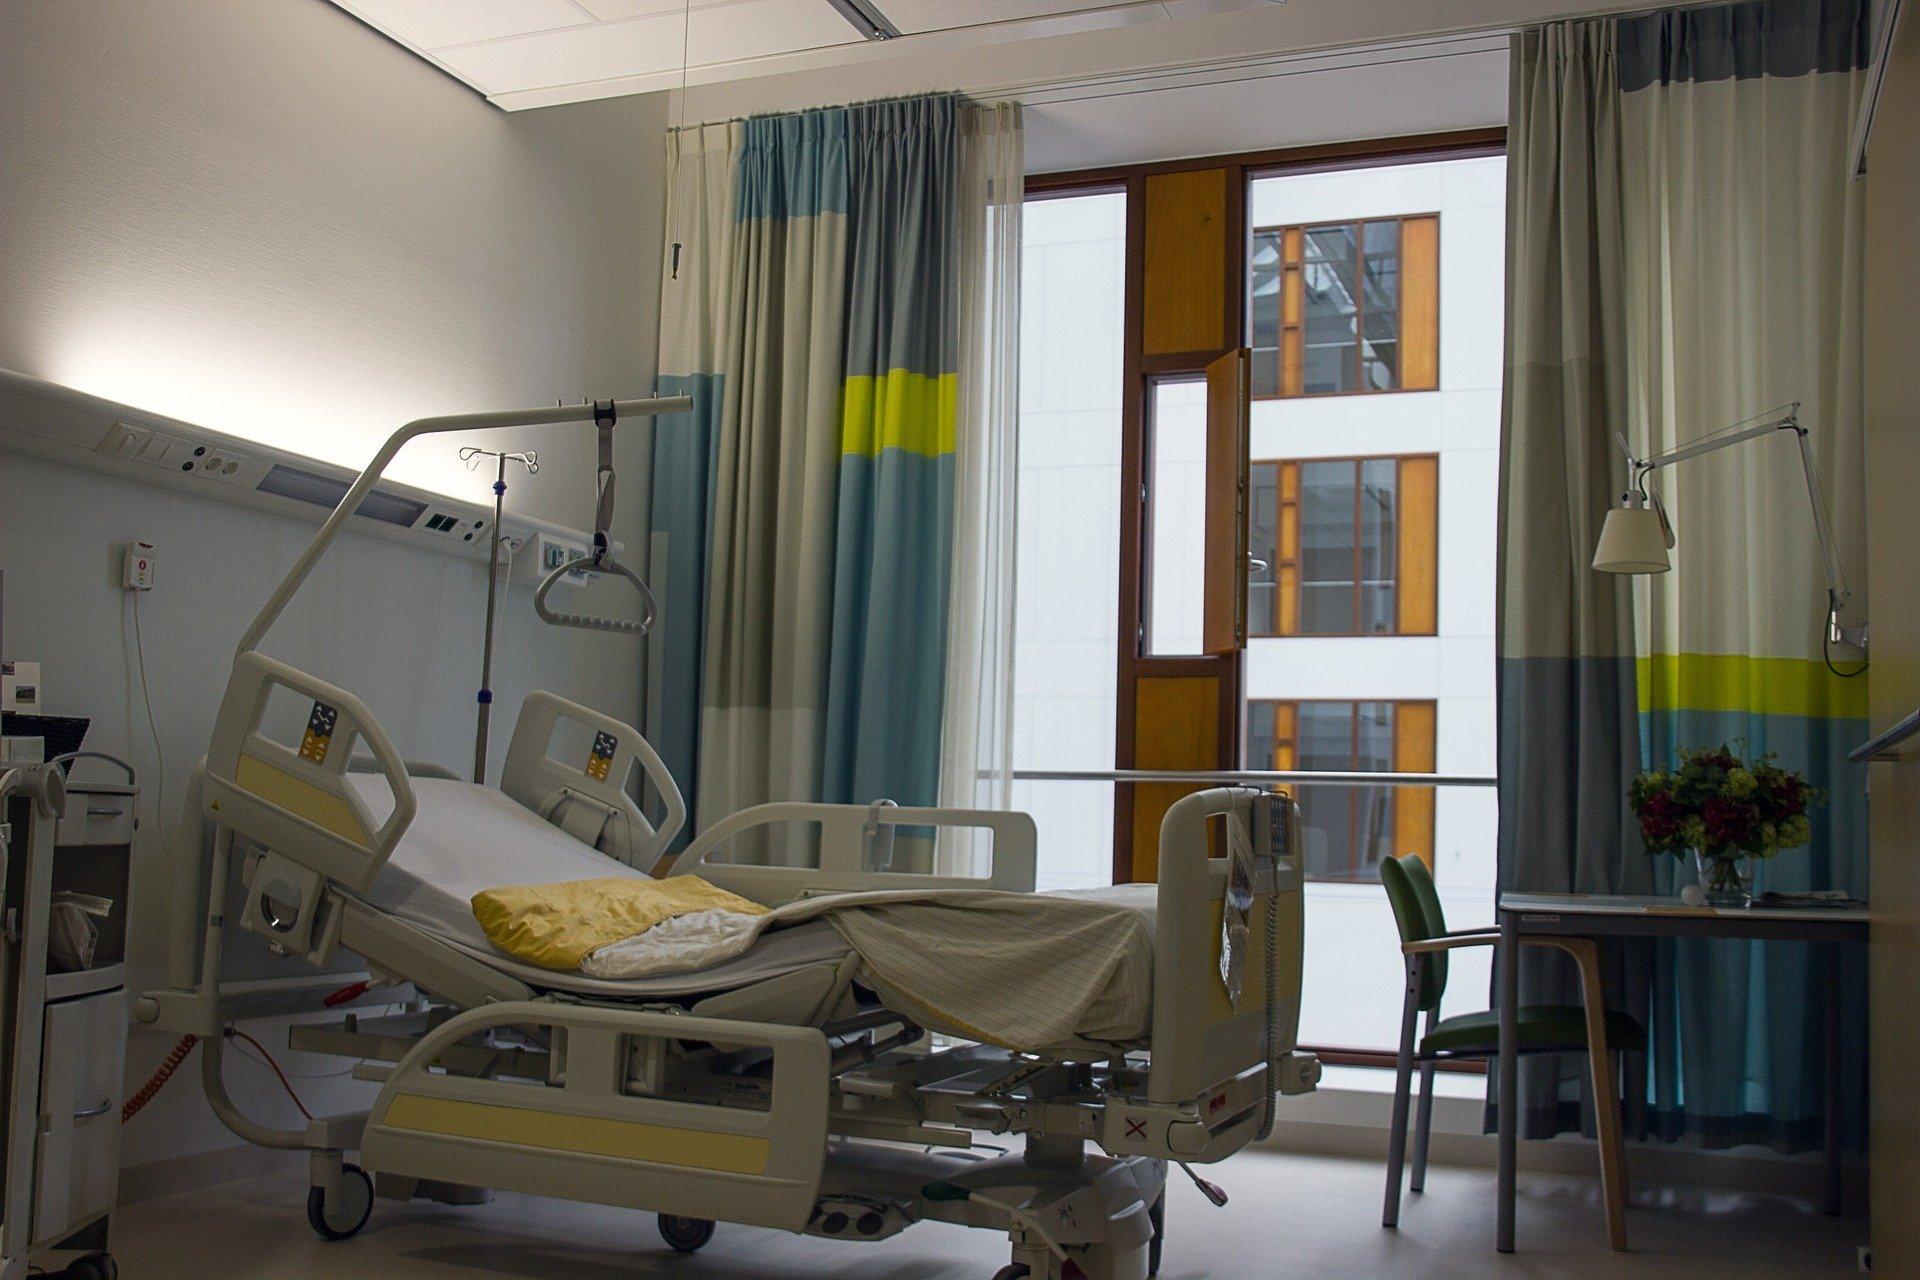 Крым получит 8 миллиардов рублей на здравоохранение